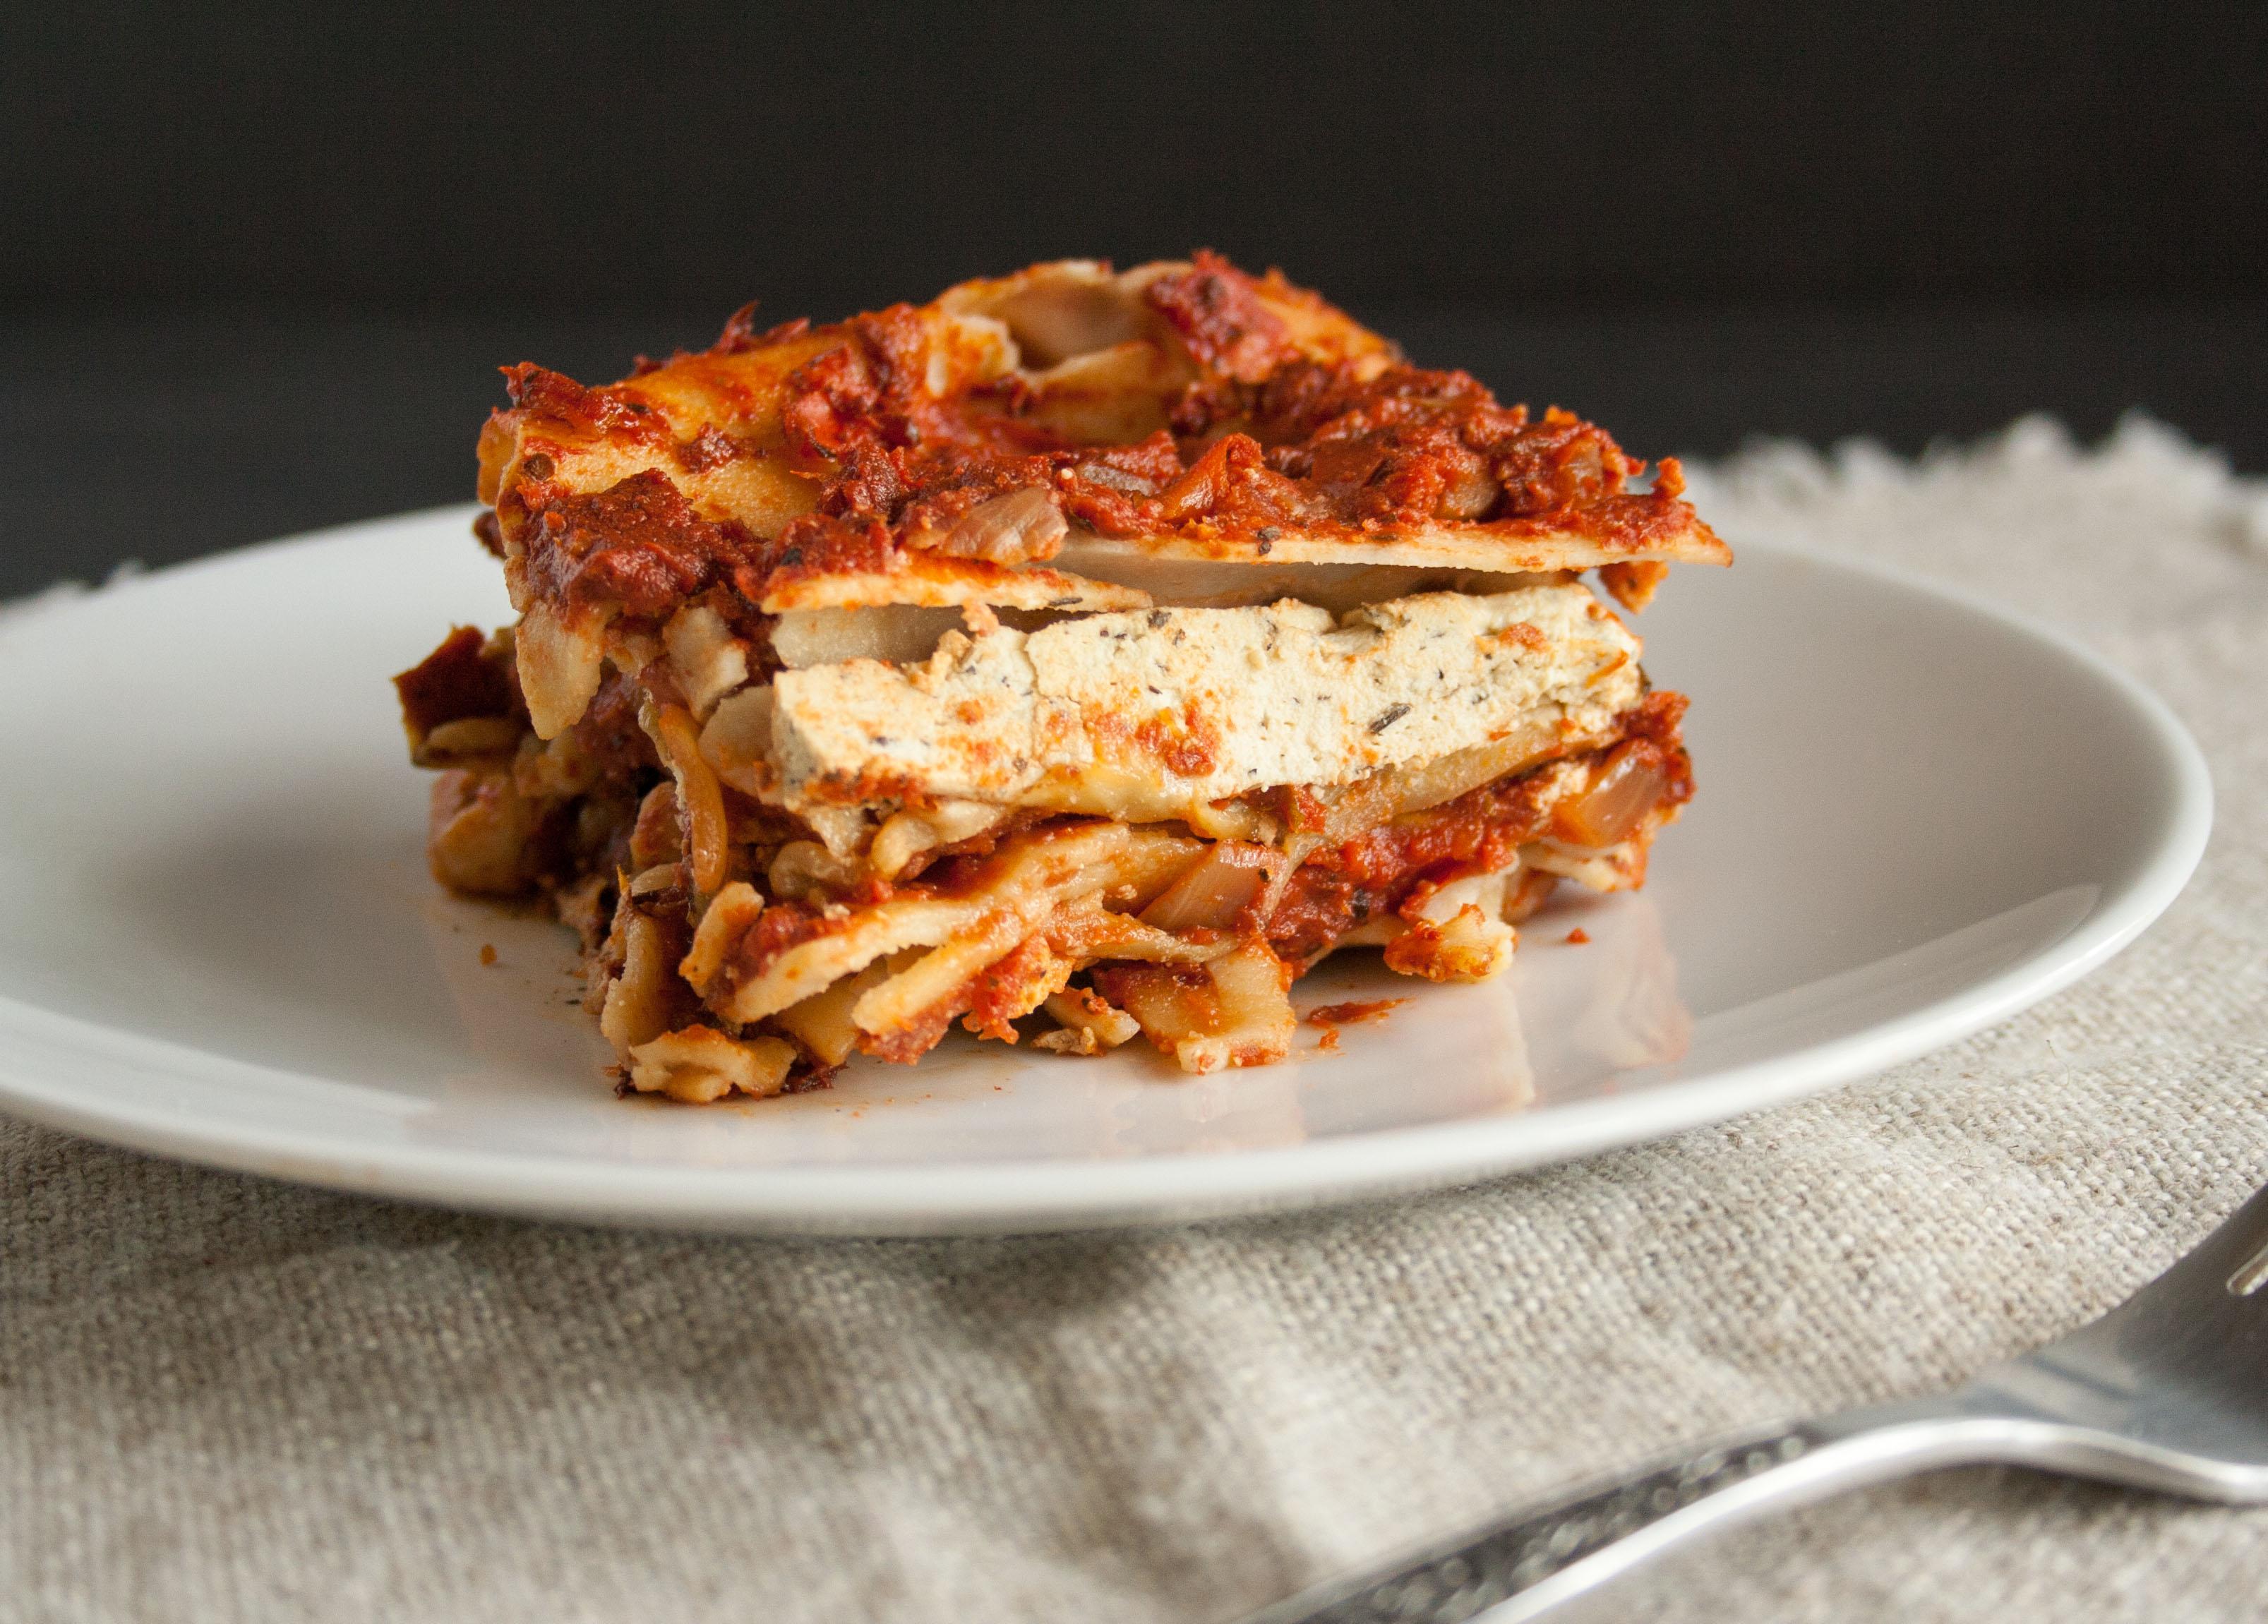 Eggplant Lasagna on a plate.